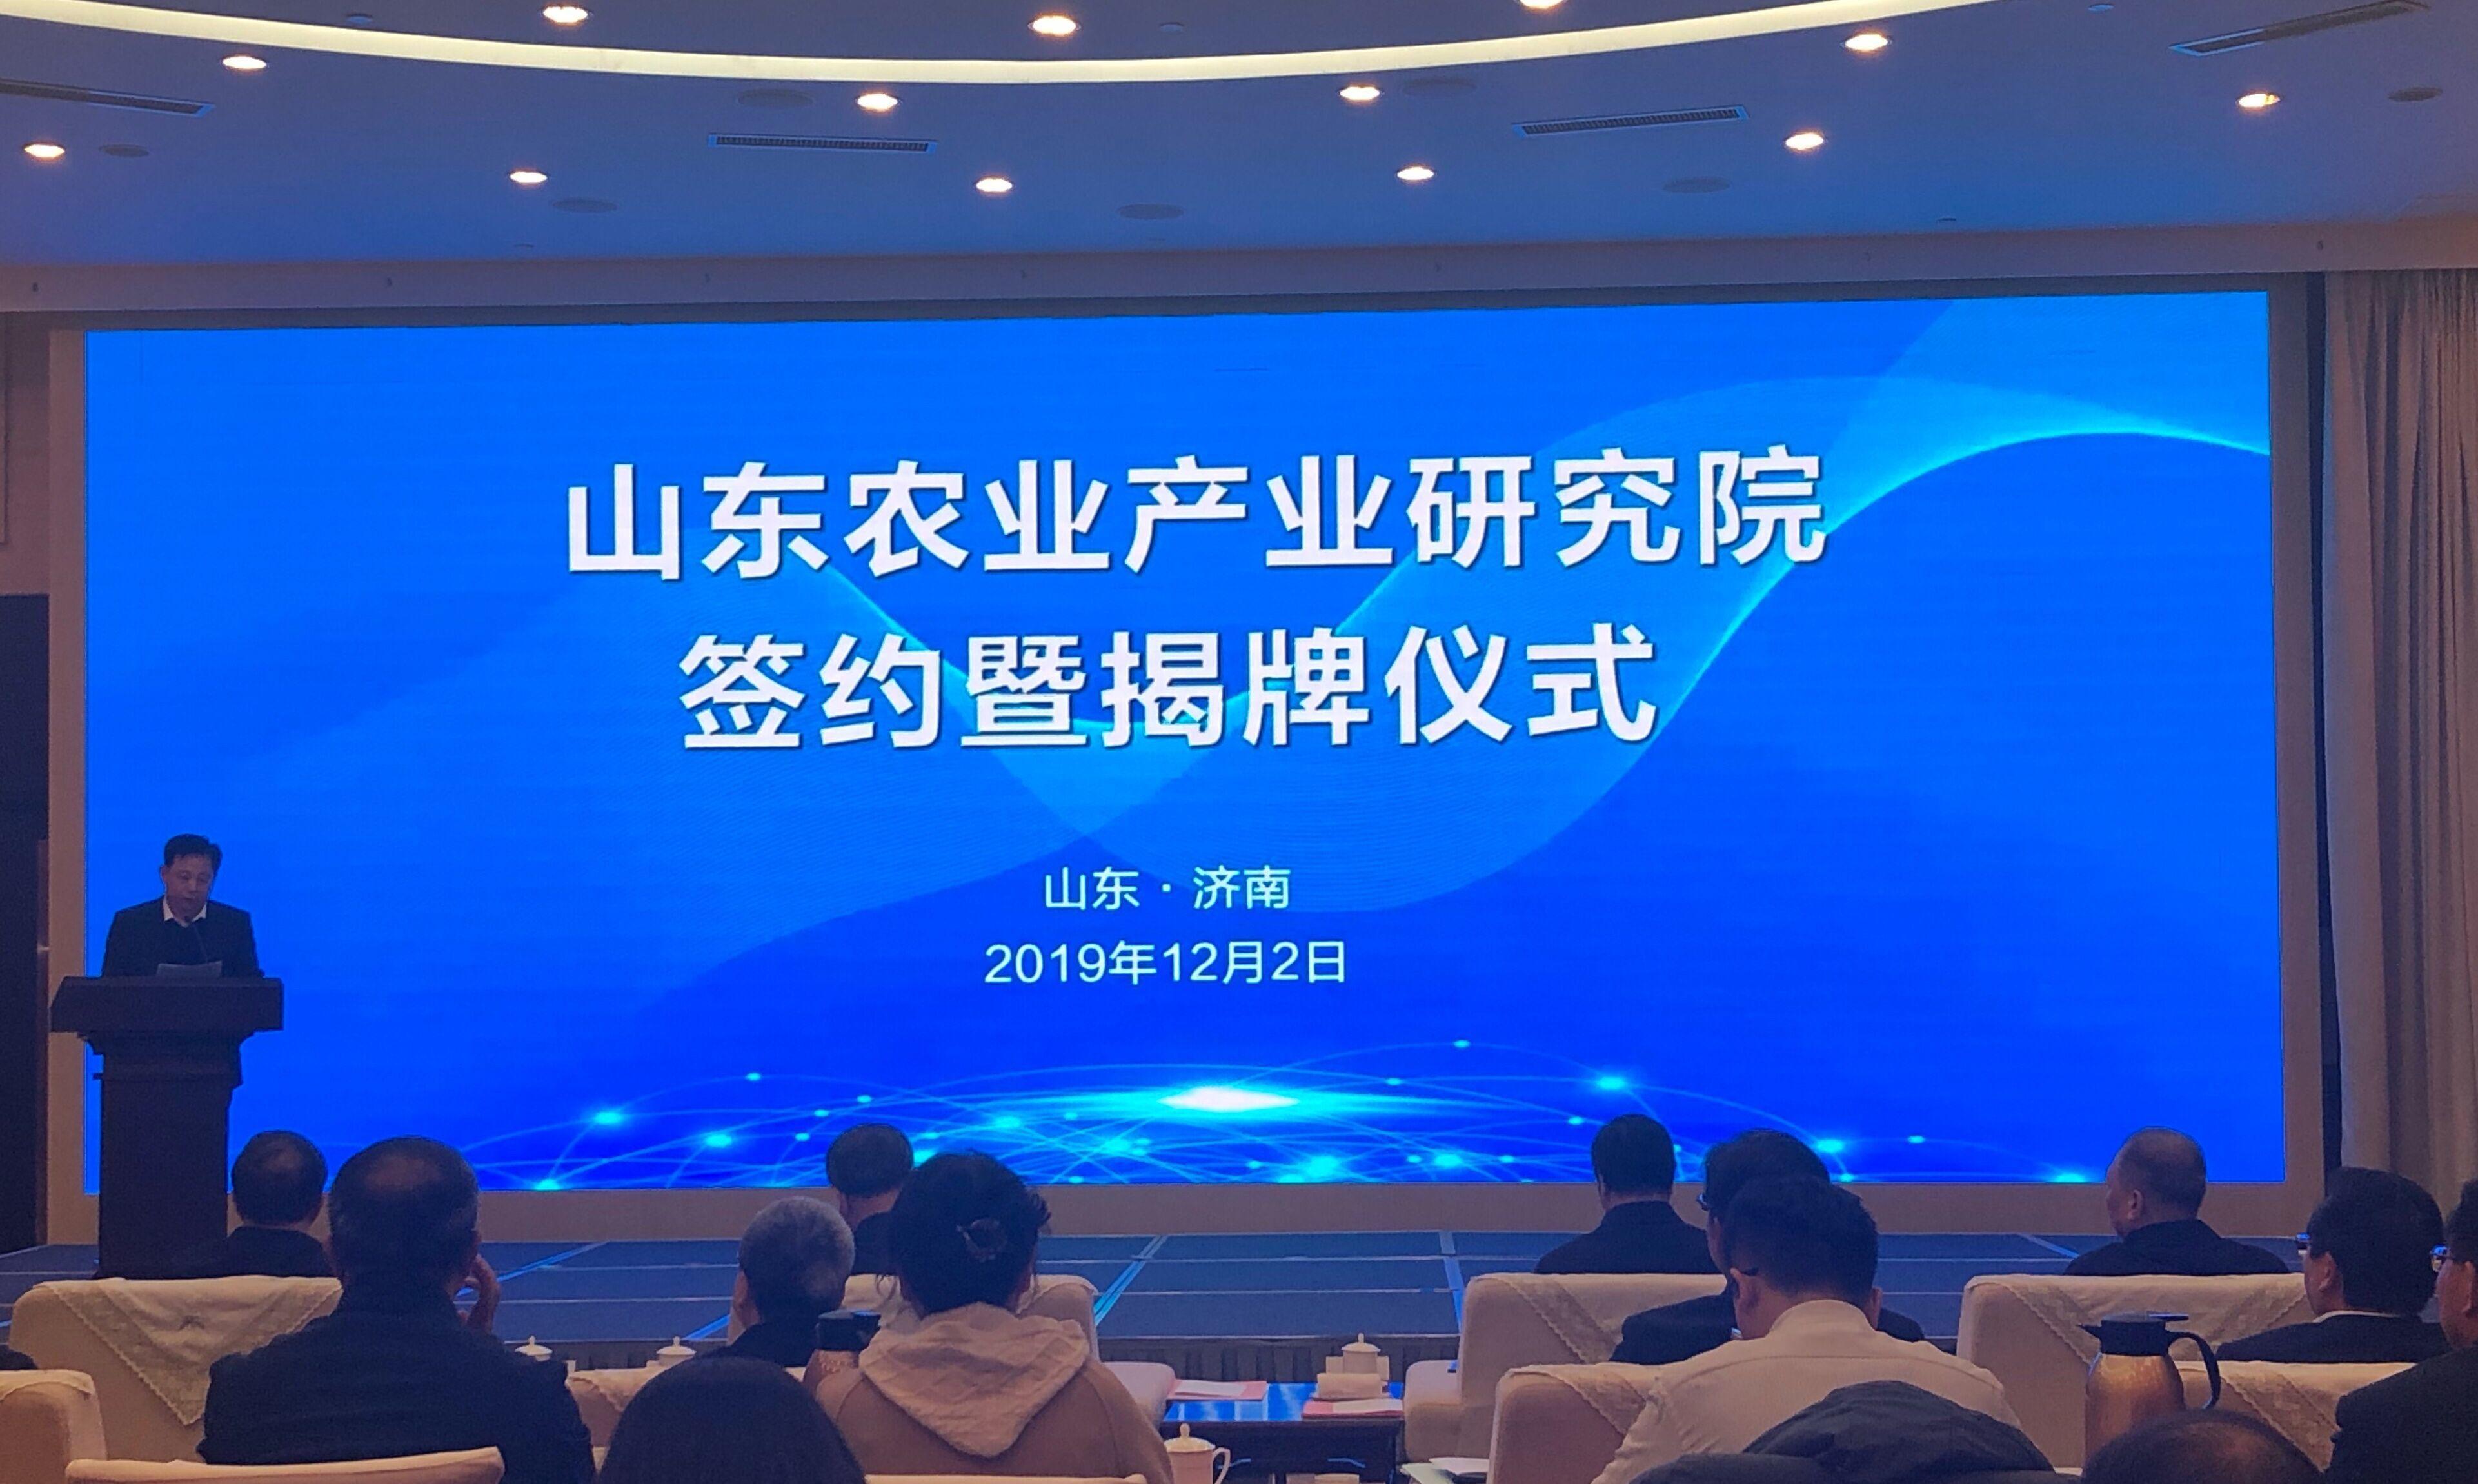 """山东农业产业研究院揭牌成立,探索""""政产学研金服用""""创新平台"""